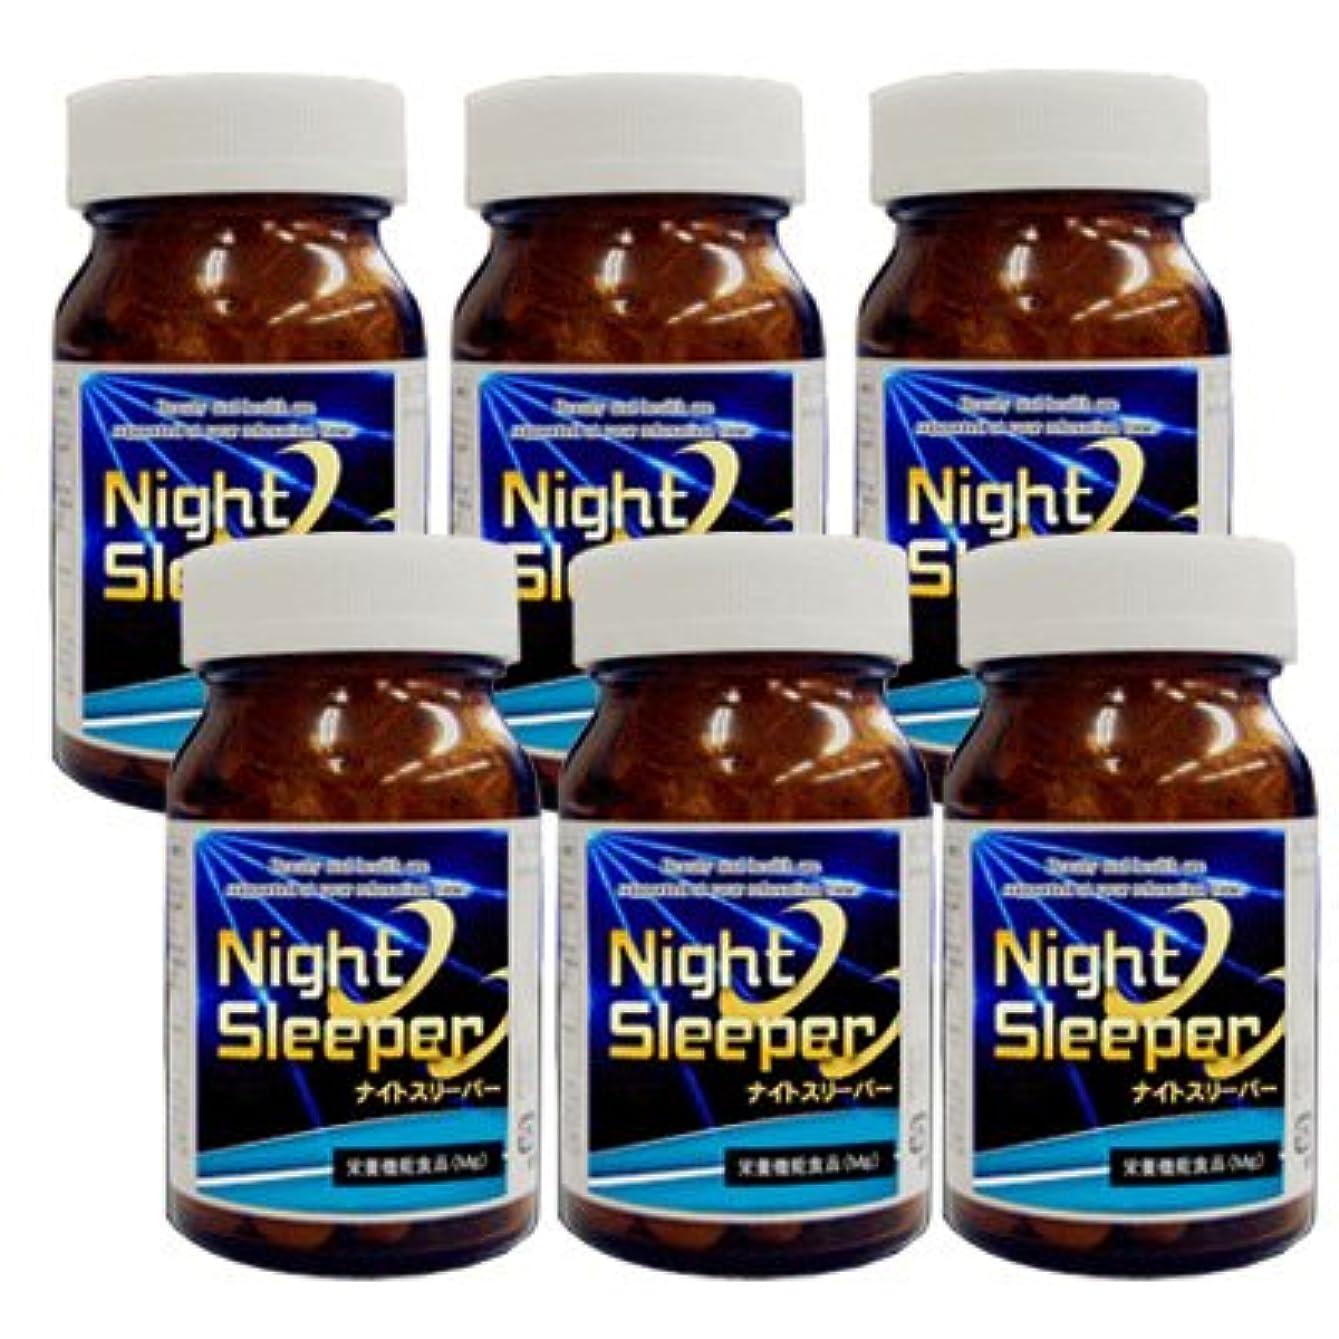 不正医薬品言うナイトスリーパー 6個セット! nightsleeper ×6個